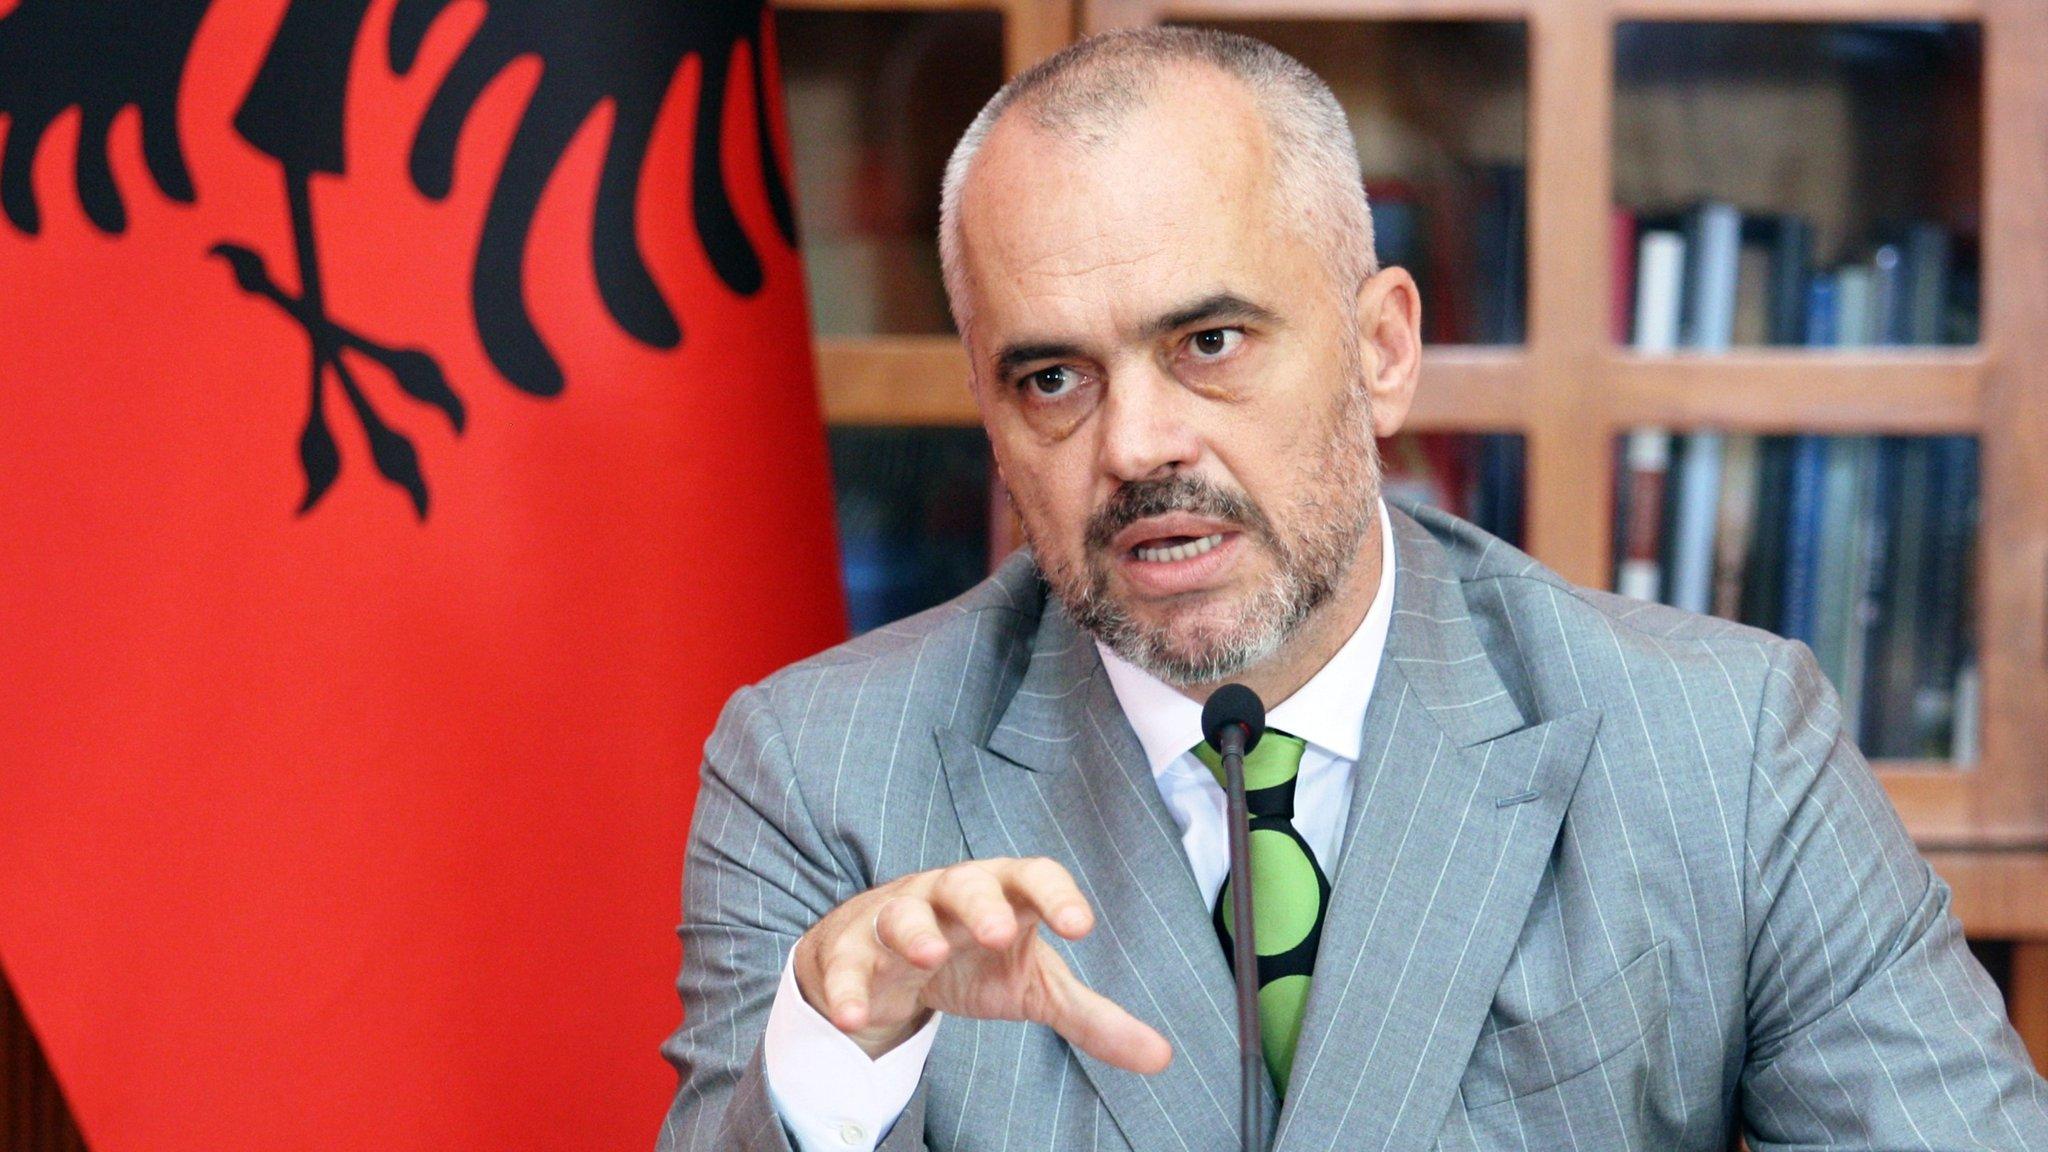 Η κυβερνητική πλειοψηφία στην Αλβανία αποφάσισε να συνεχίσει τις εργασίες χωρίς την αντιπολίτευση στο Κοινοβούλιο